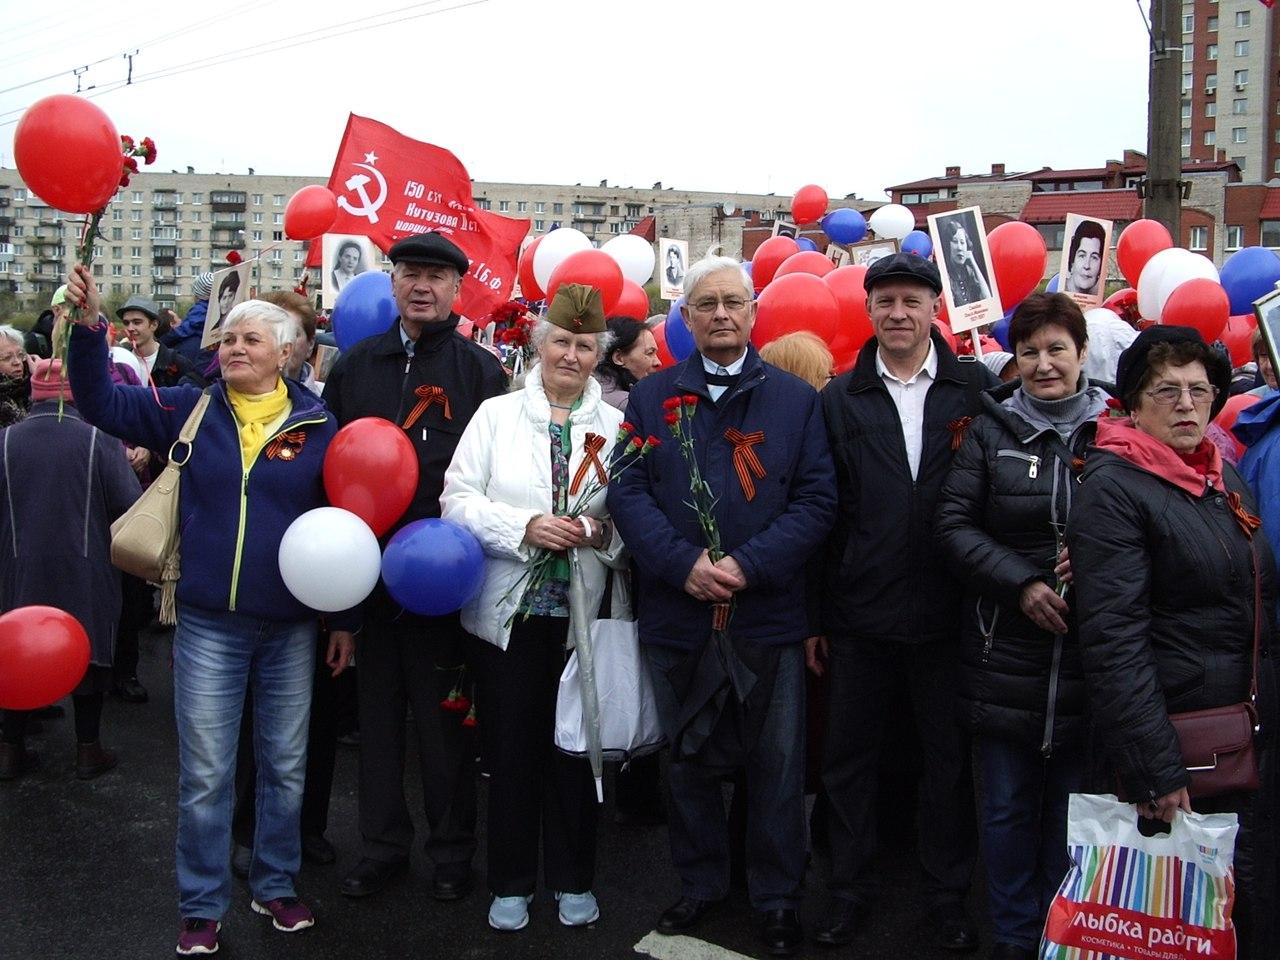 Бессмертный полк, Фрунзенский район СПб